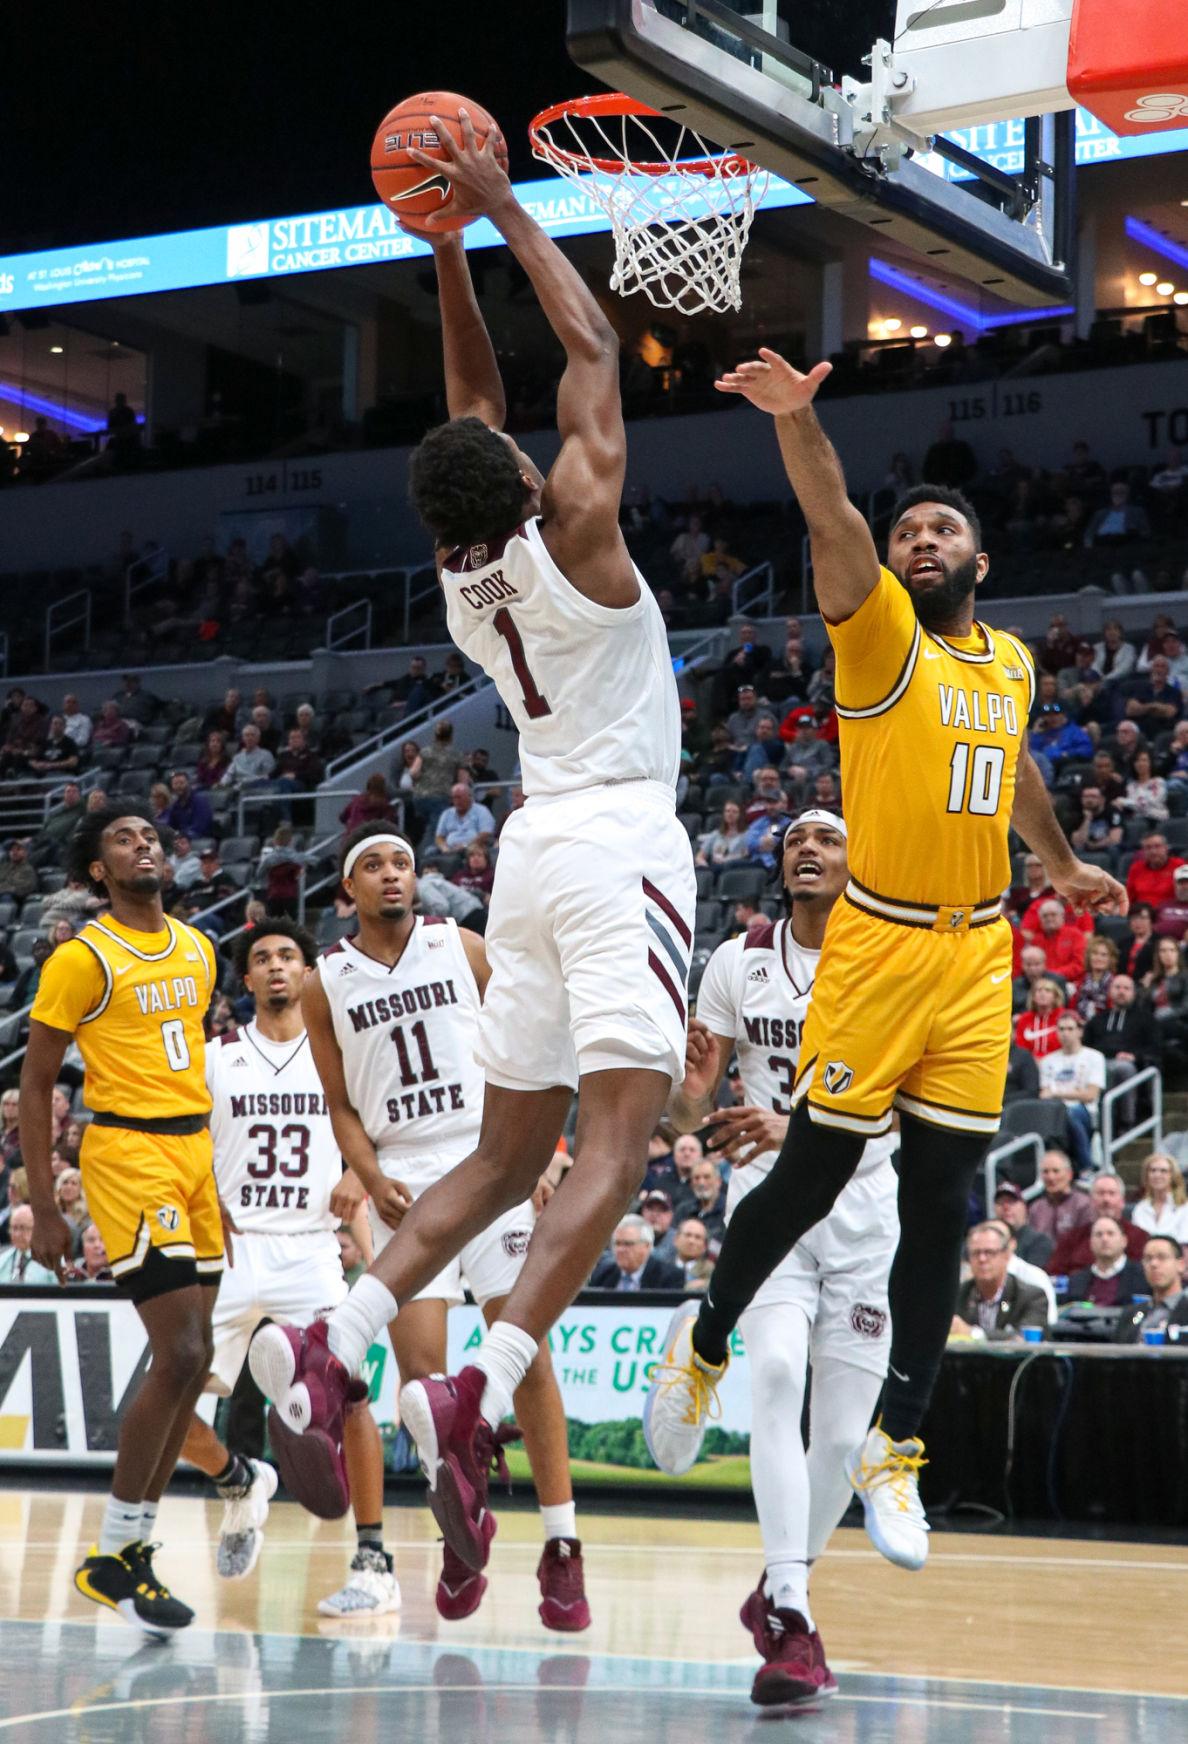 Keandre Cook dunks the ball